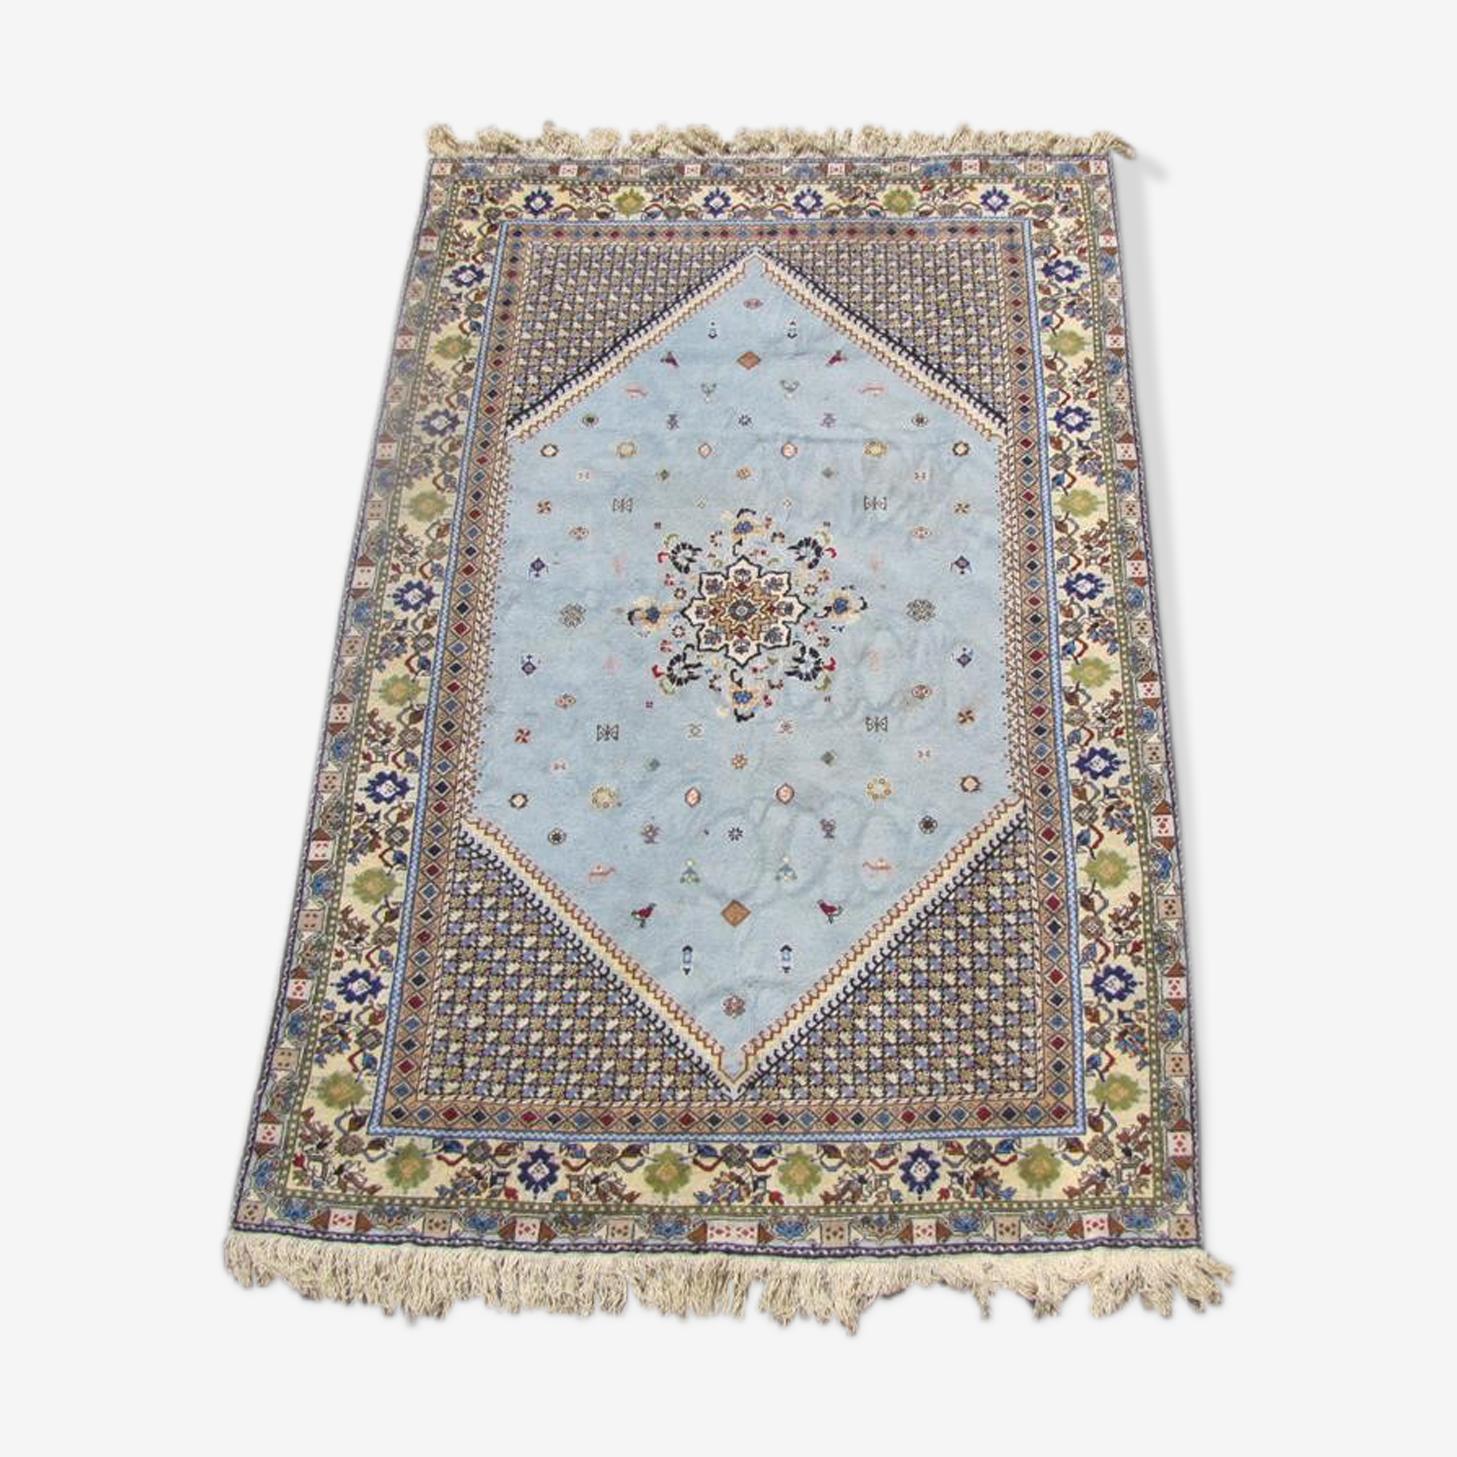 Tapis Ancien Marocain Rabat Fait Main Laine 198x290 Cm Laine Coton